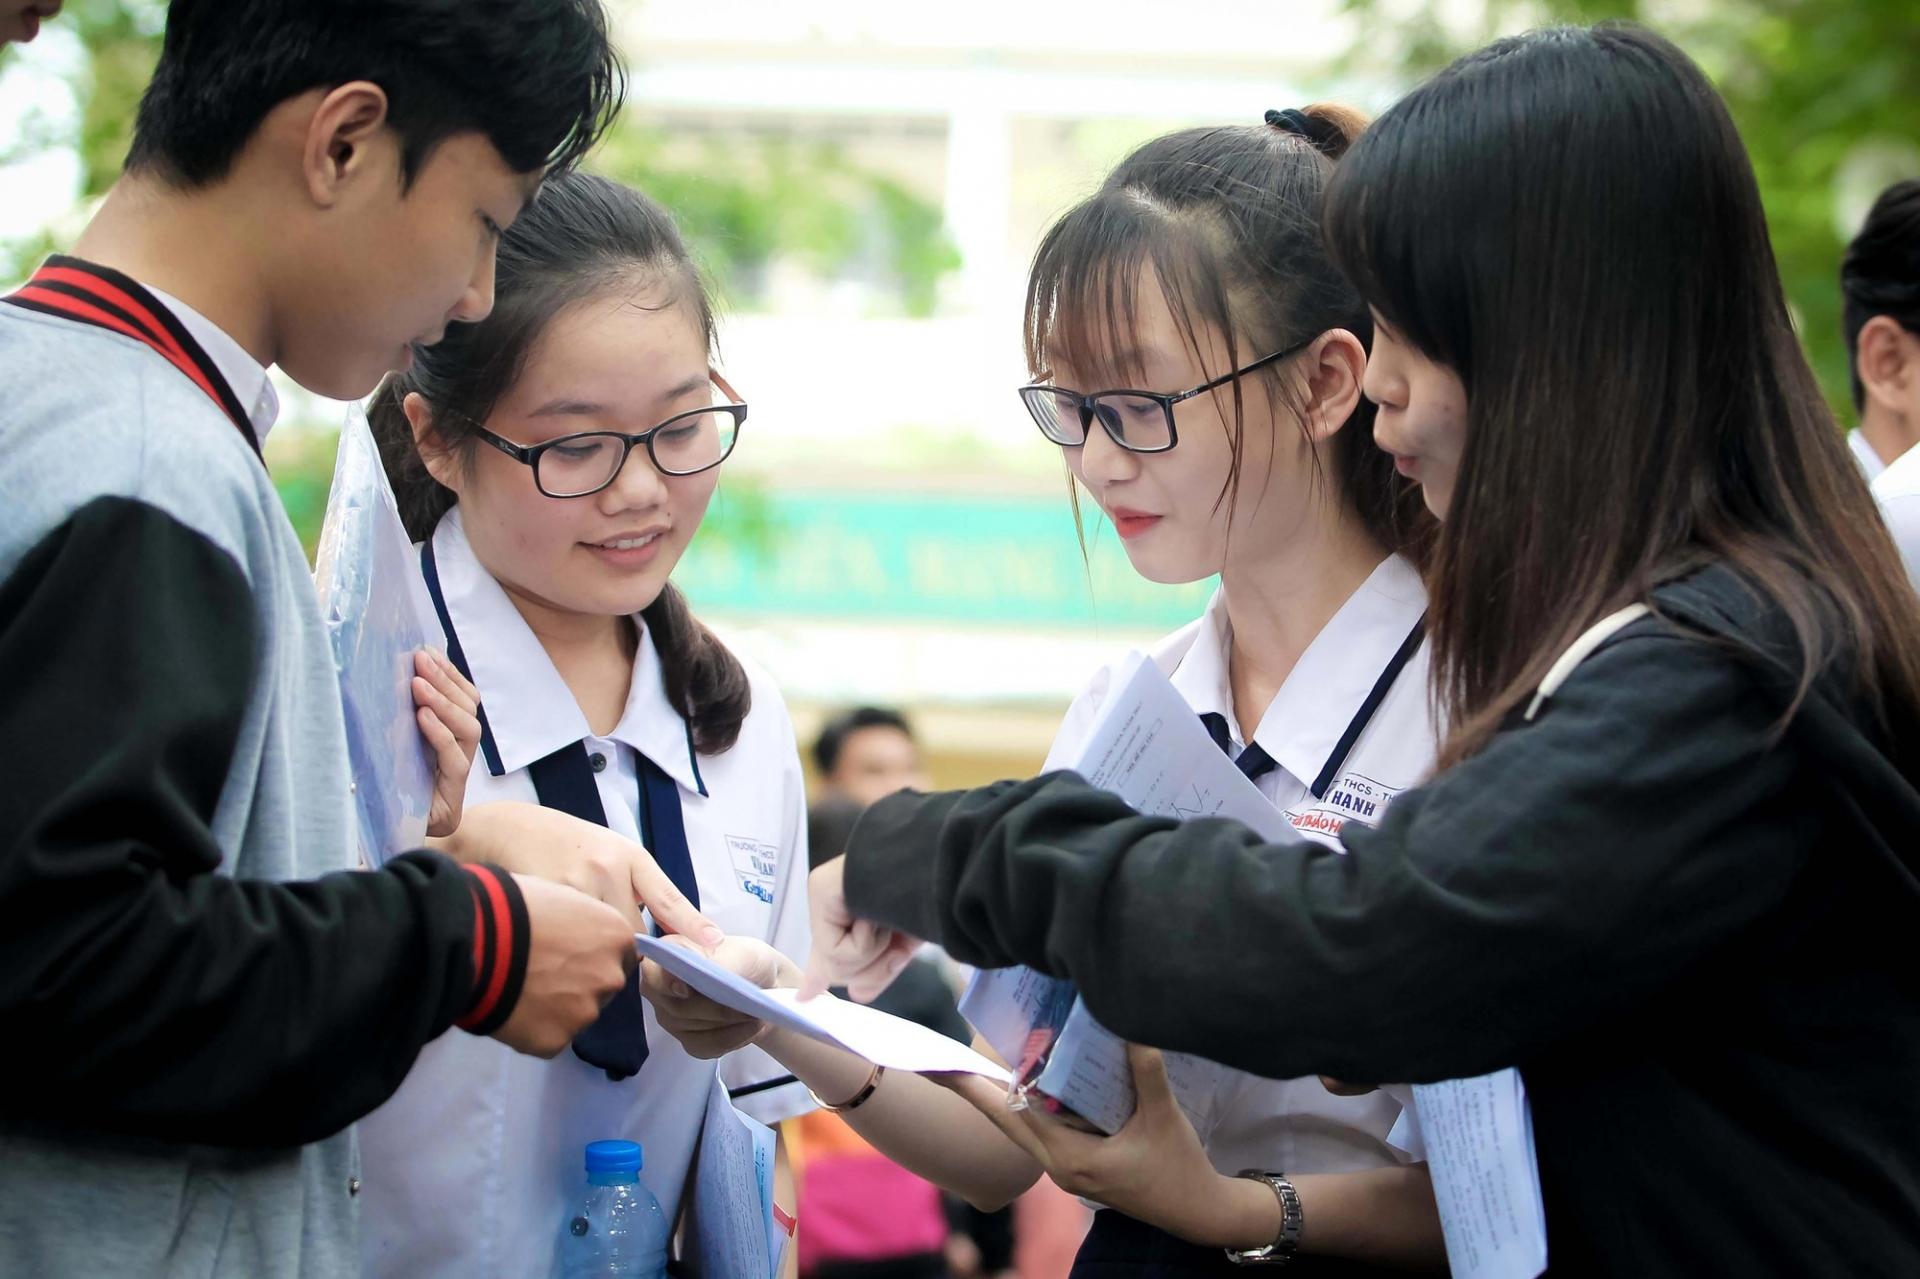 Tra cứu điểm thi THPT quốc gia 2021 tỉnh Kon Tum theo SBD, nhanh chính xác 7